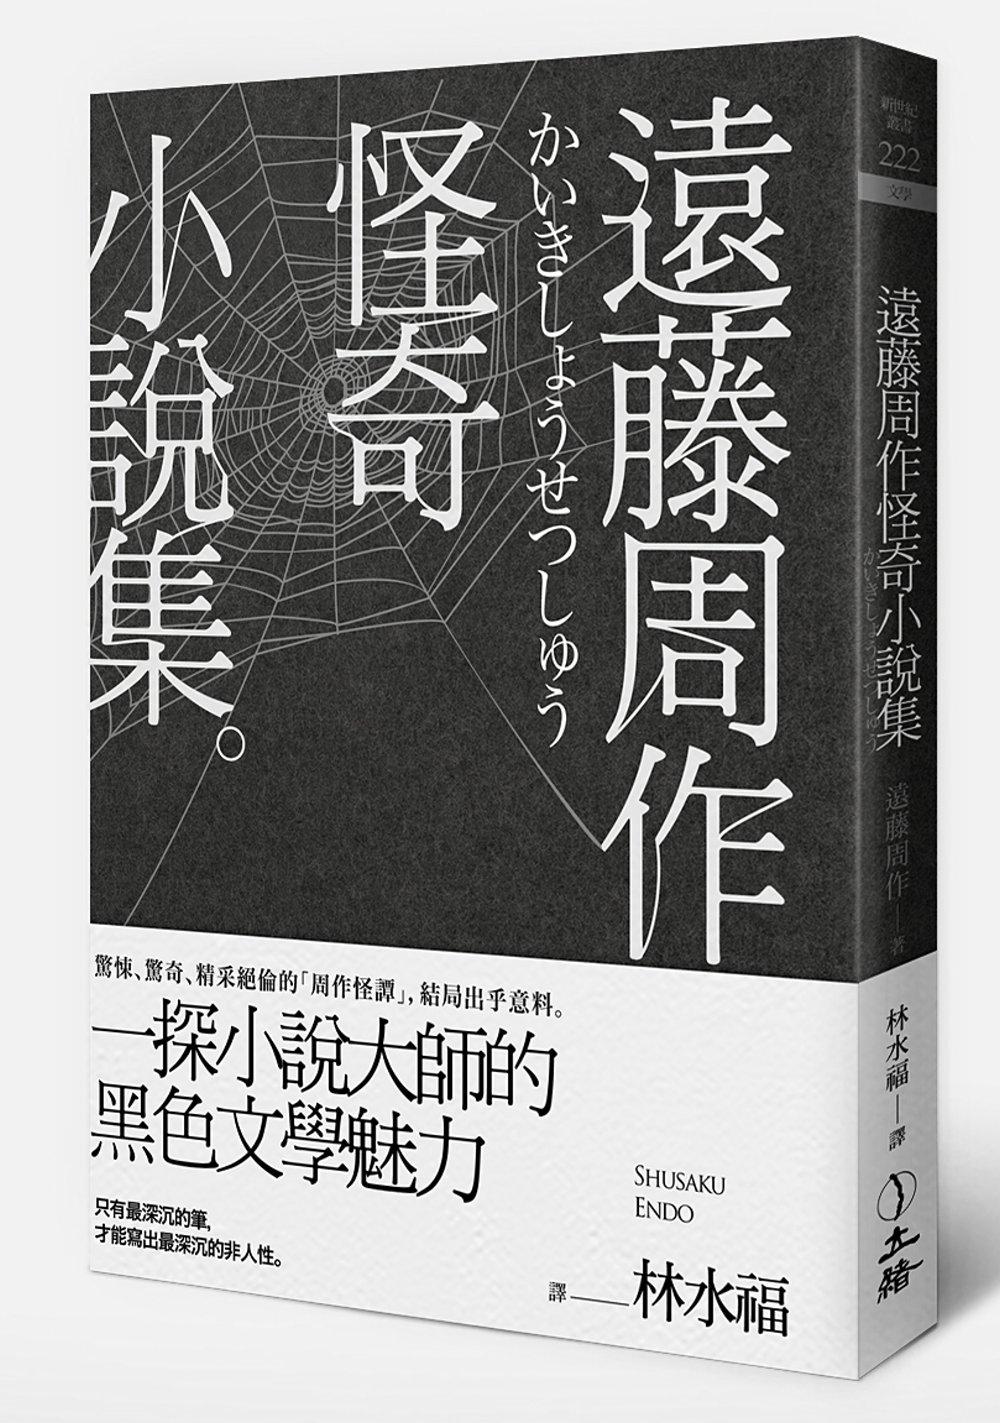 遠藤周作怪奇小說集